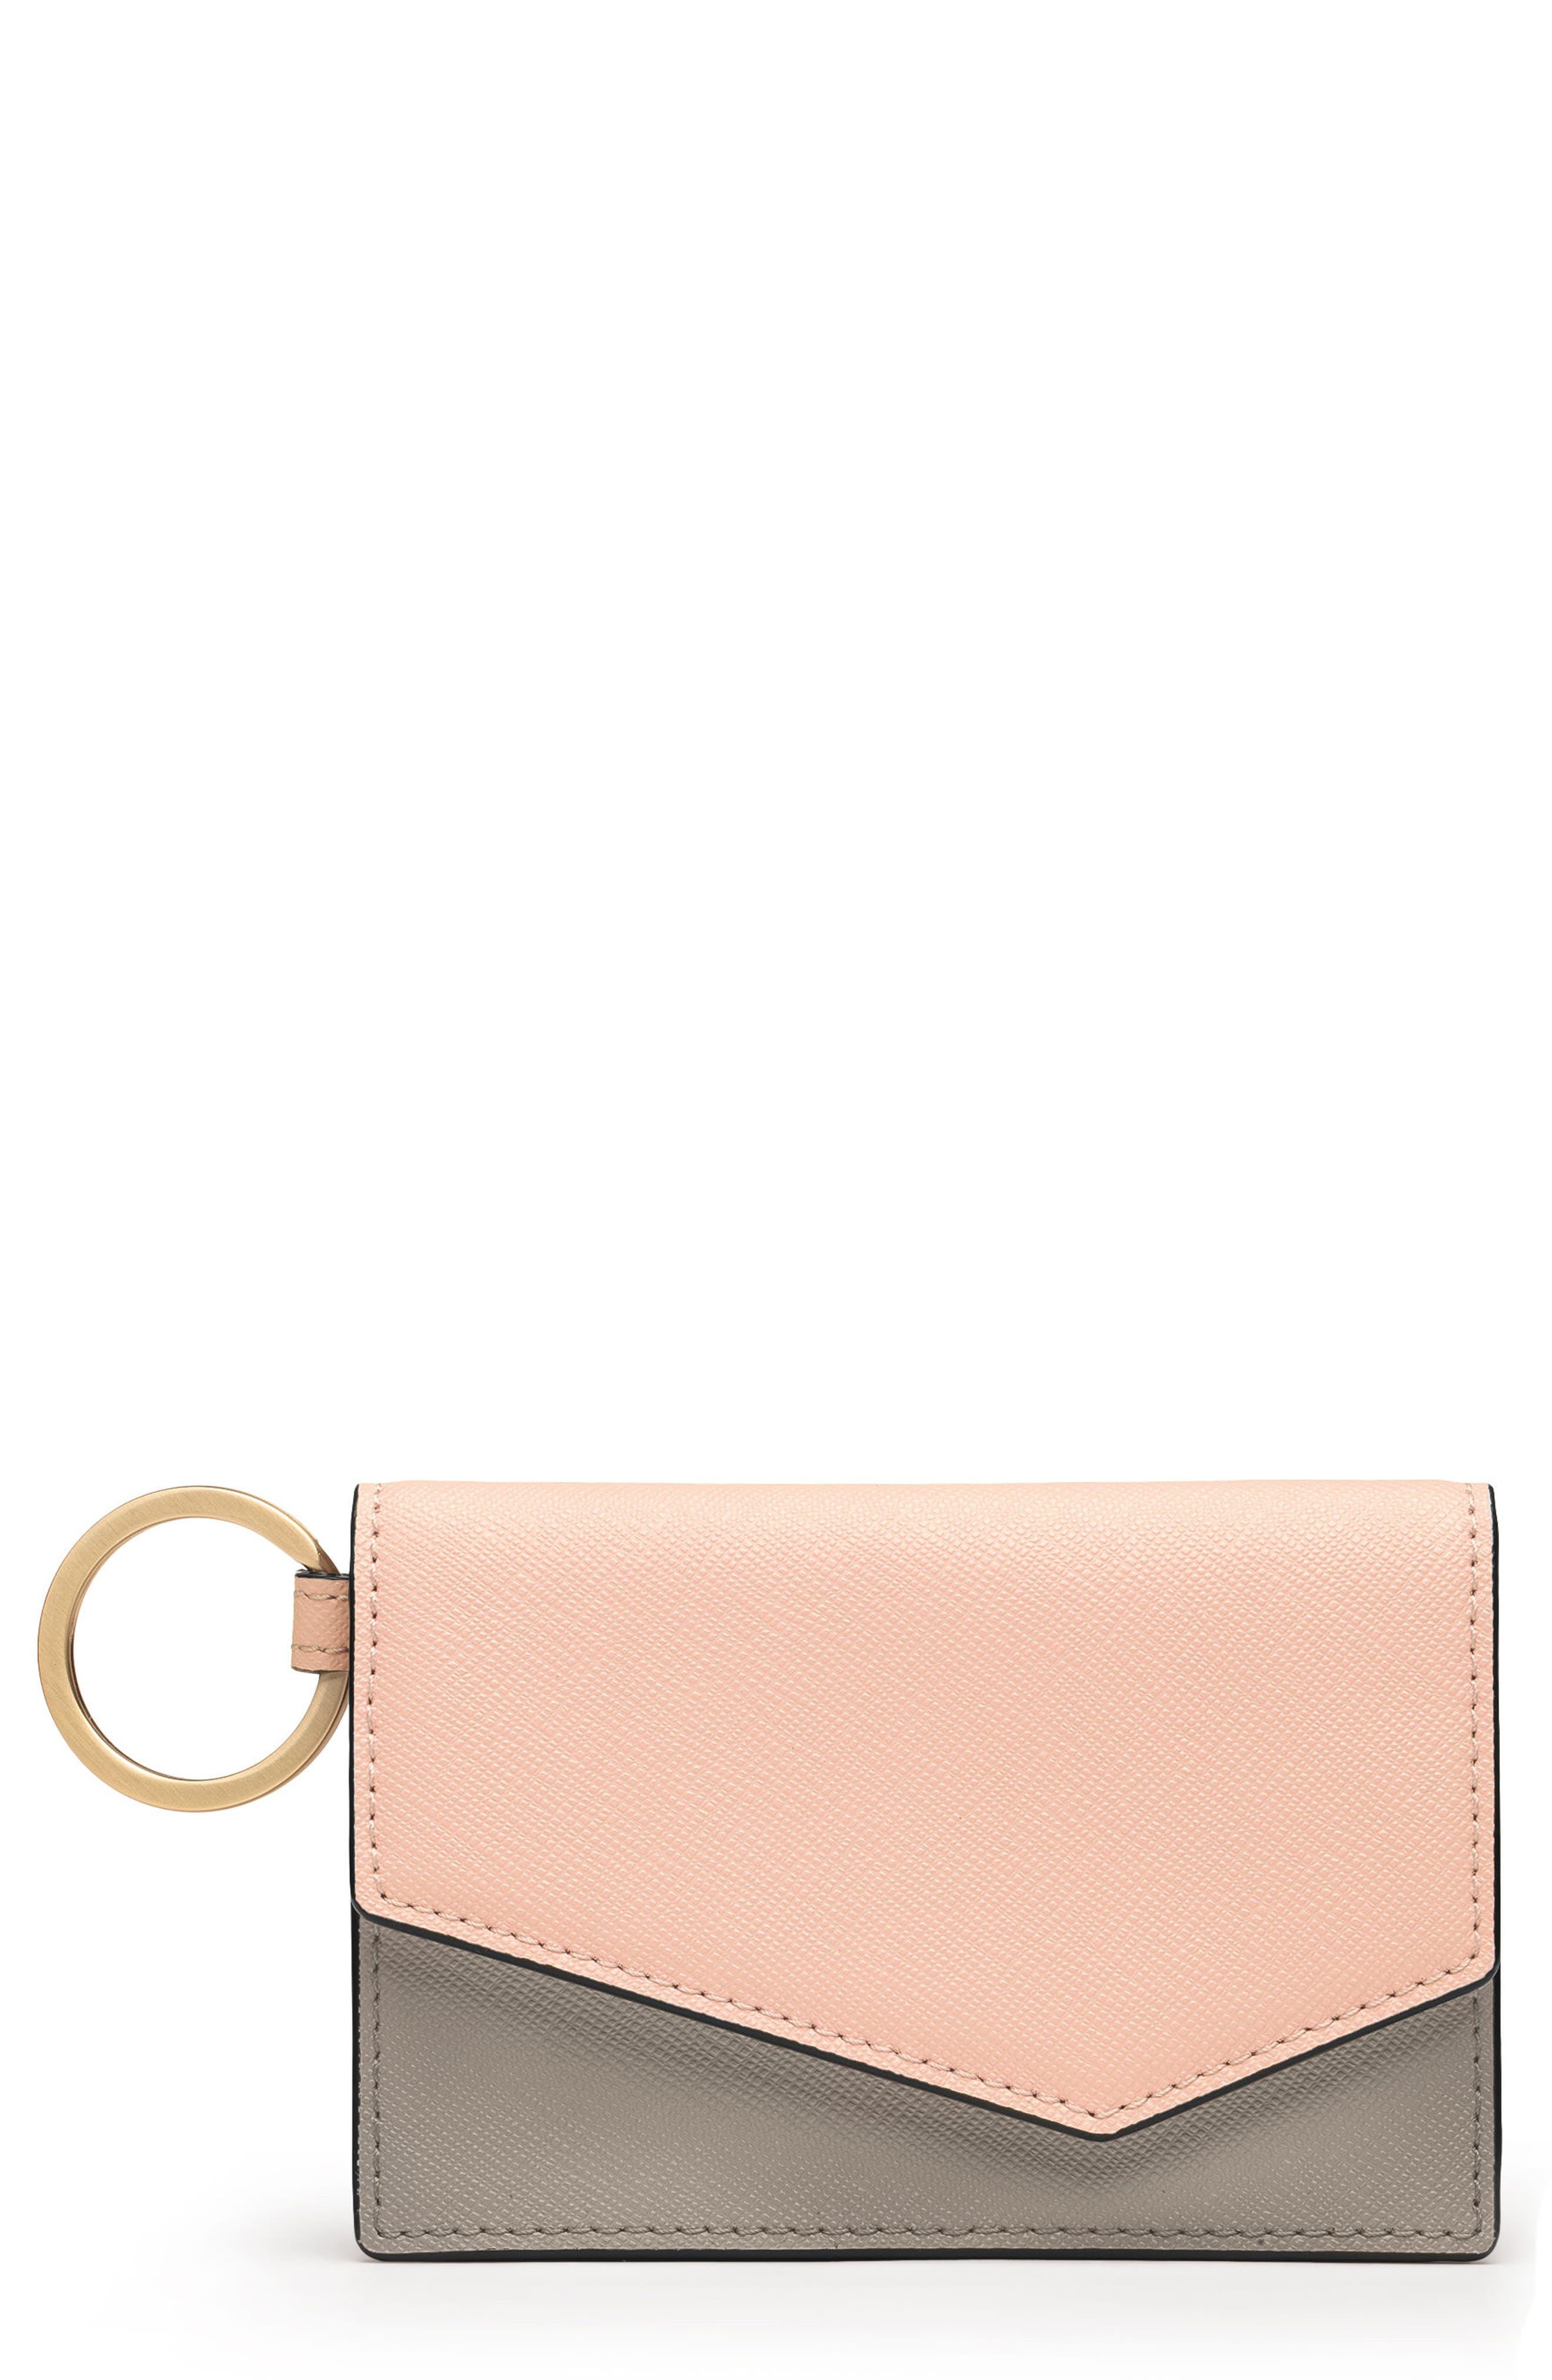 Cobble Hill Saffiano Leather Card Case,                         Main,                         color, Peach Colorblock